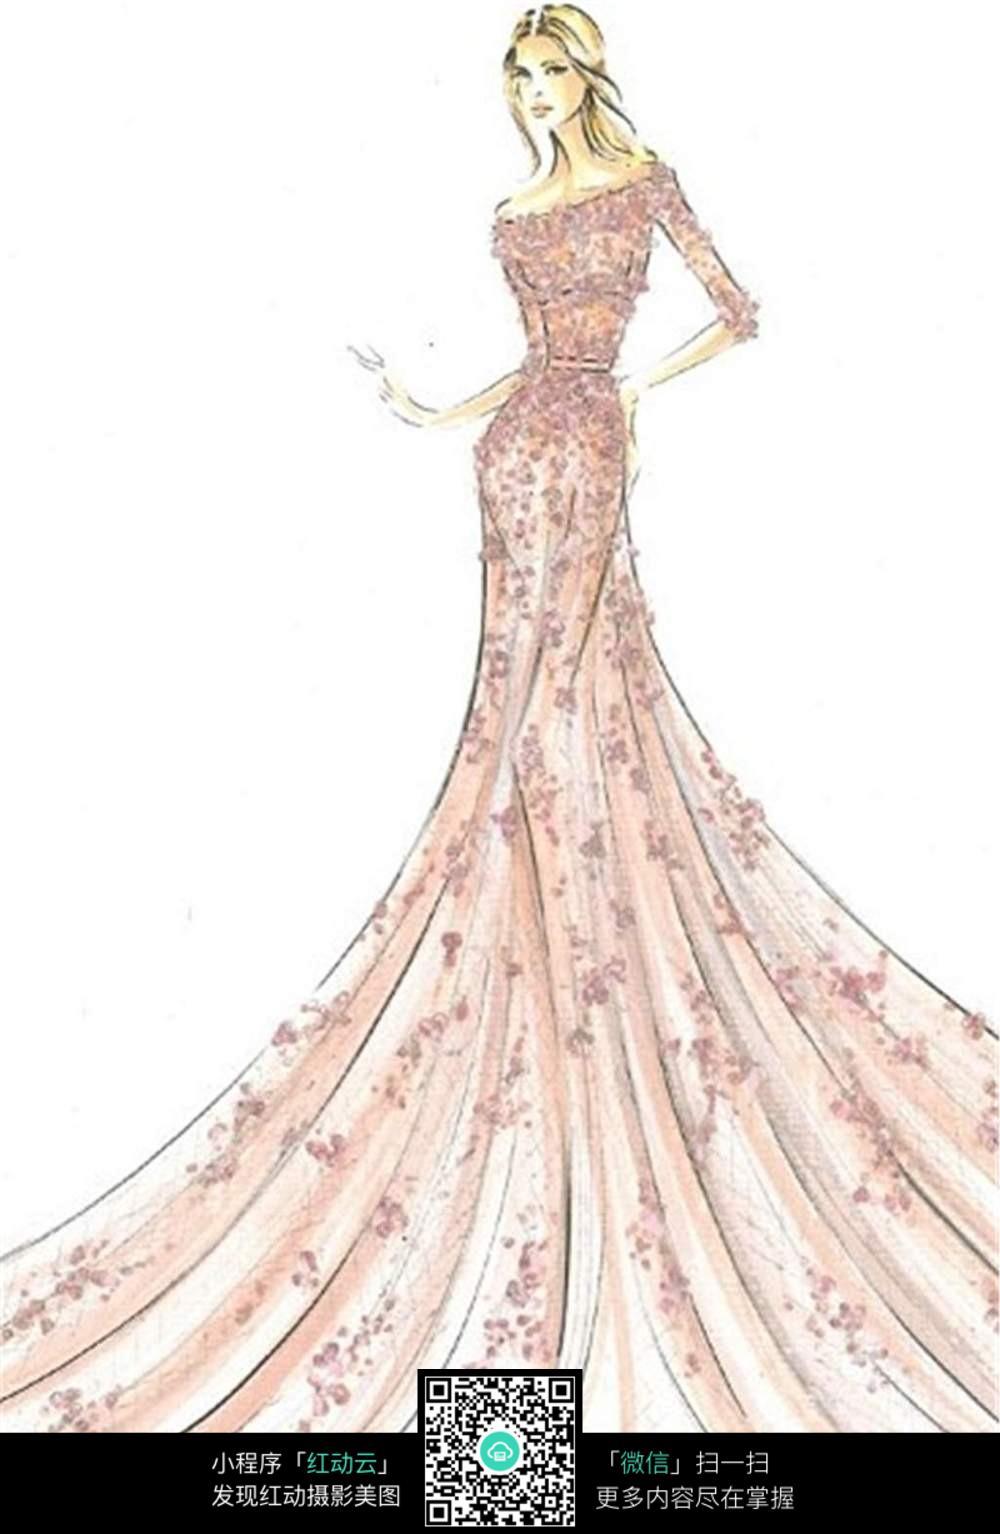 服装设计手绘手稿图片